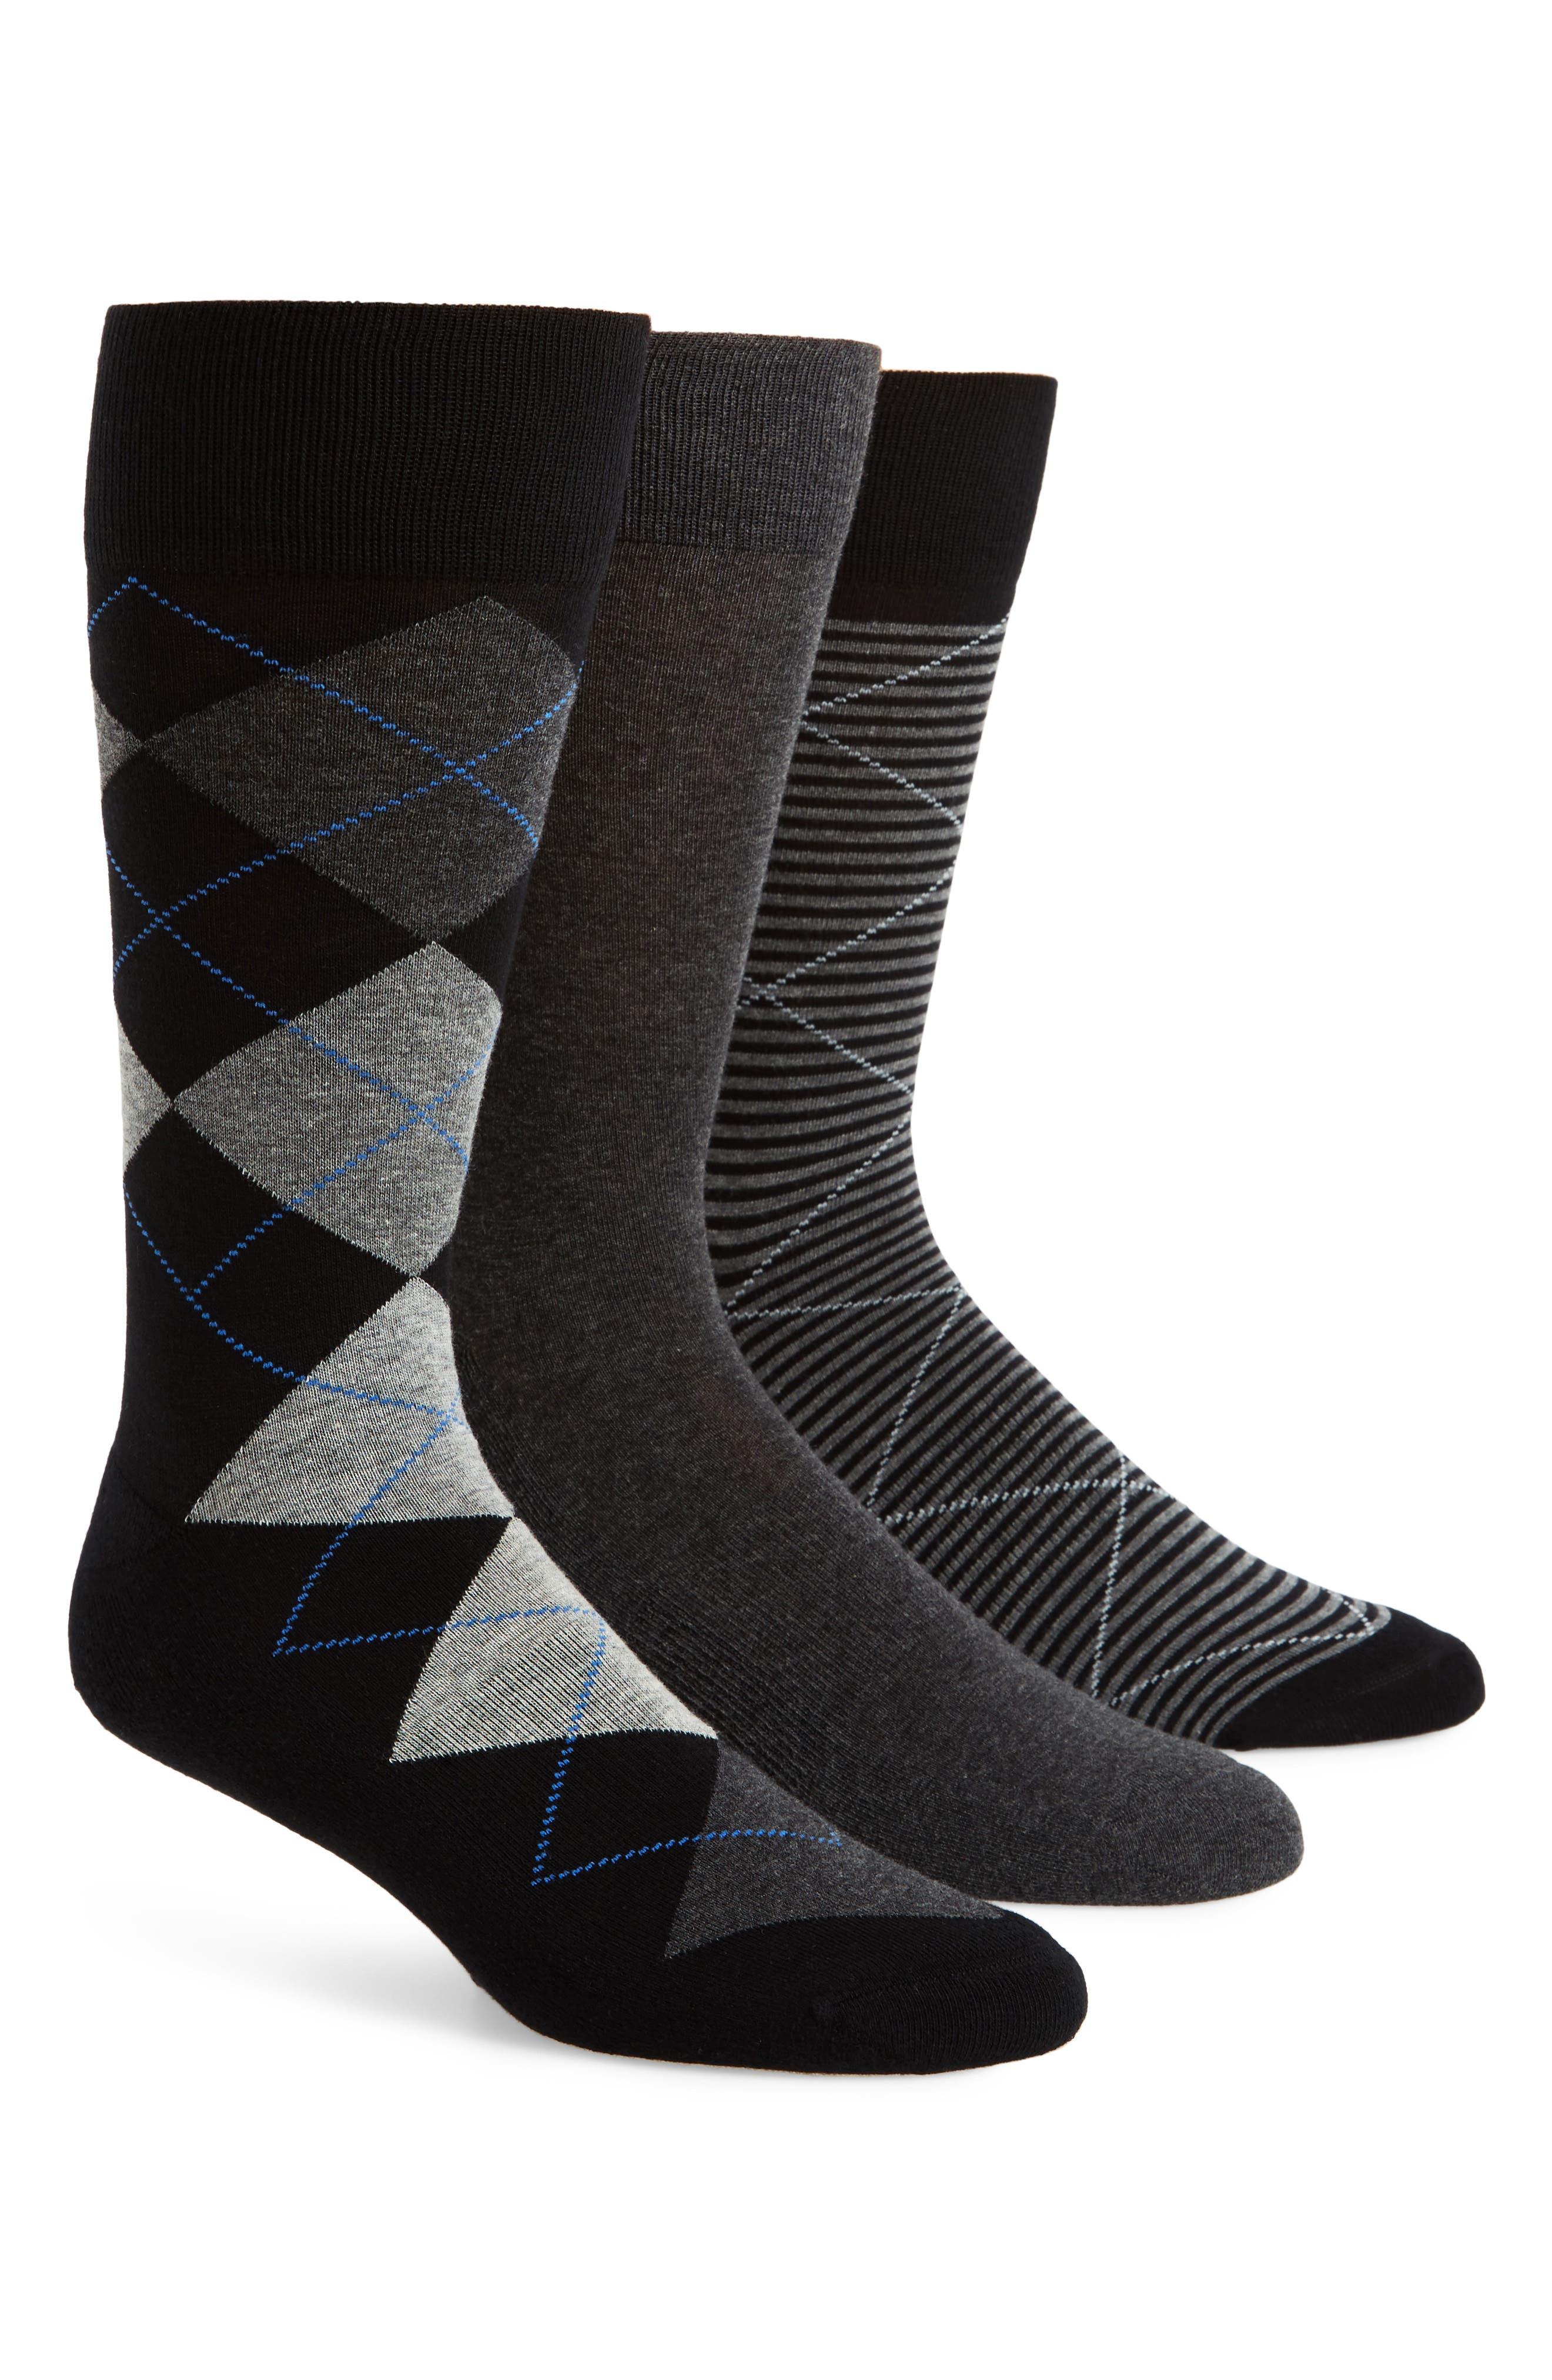 Alternate Image 1 Selected - Nordstrom Men's Shop 3-Pack Cotton Blend Socks